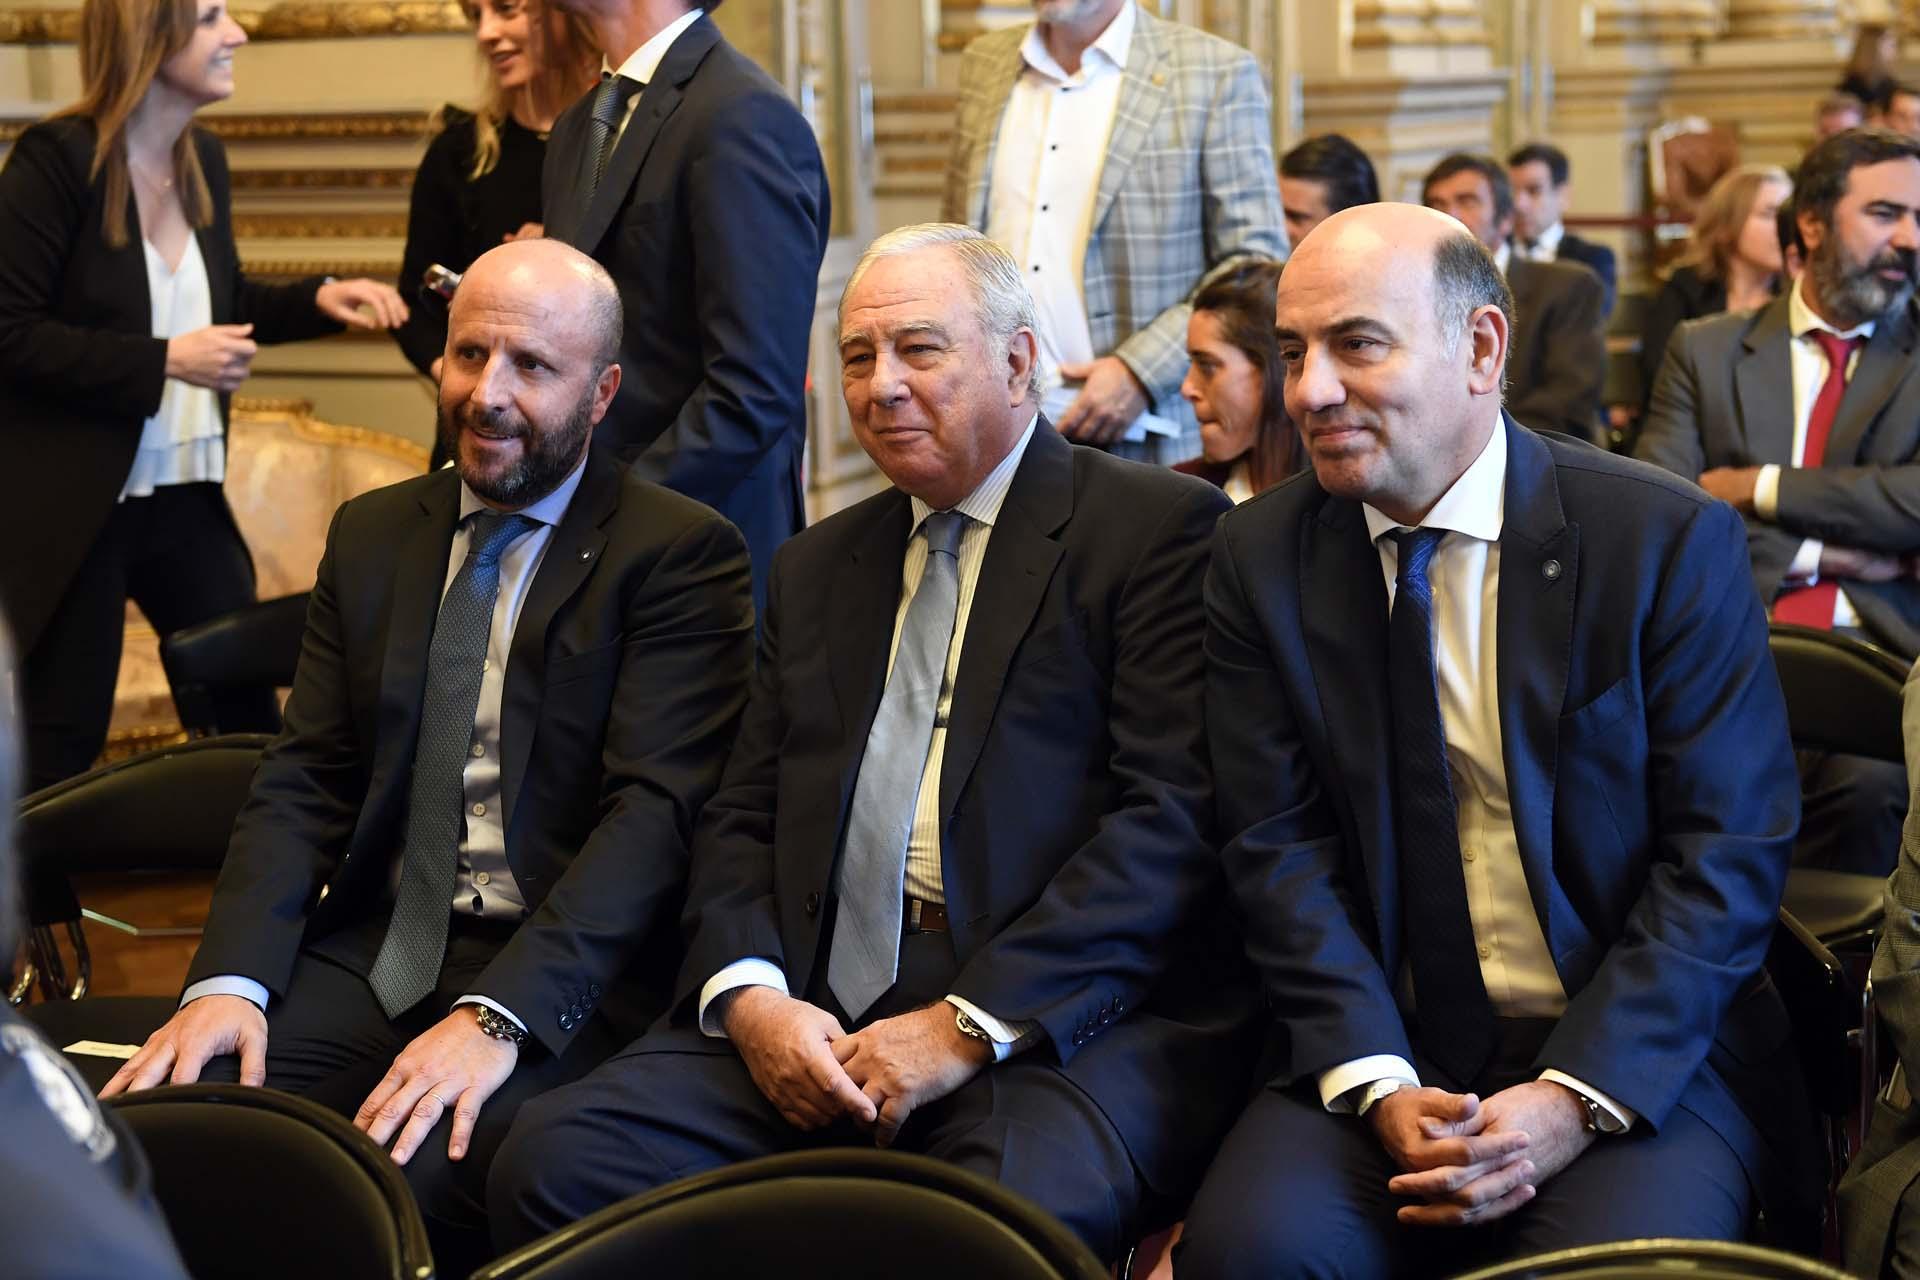 Los camaristas Mariano Borinsky, Eduardo Riggi y Diego Barroetaveña